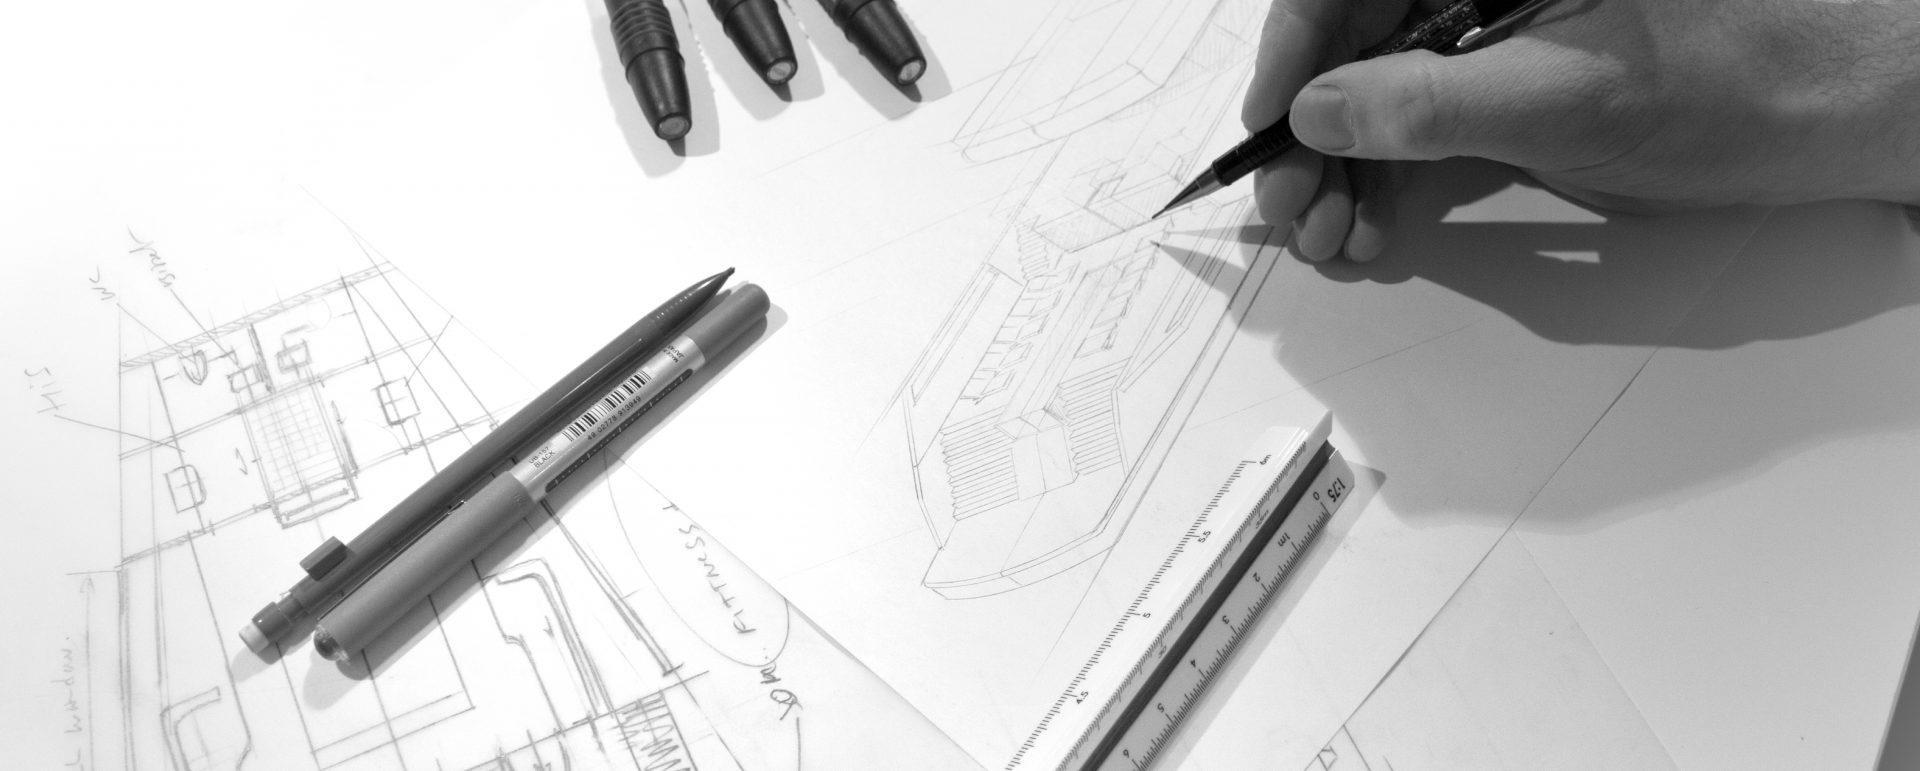 philippe briand designer